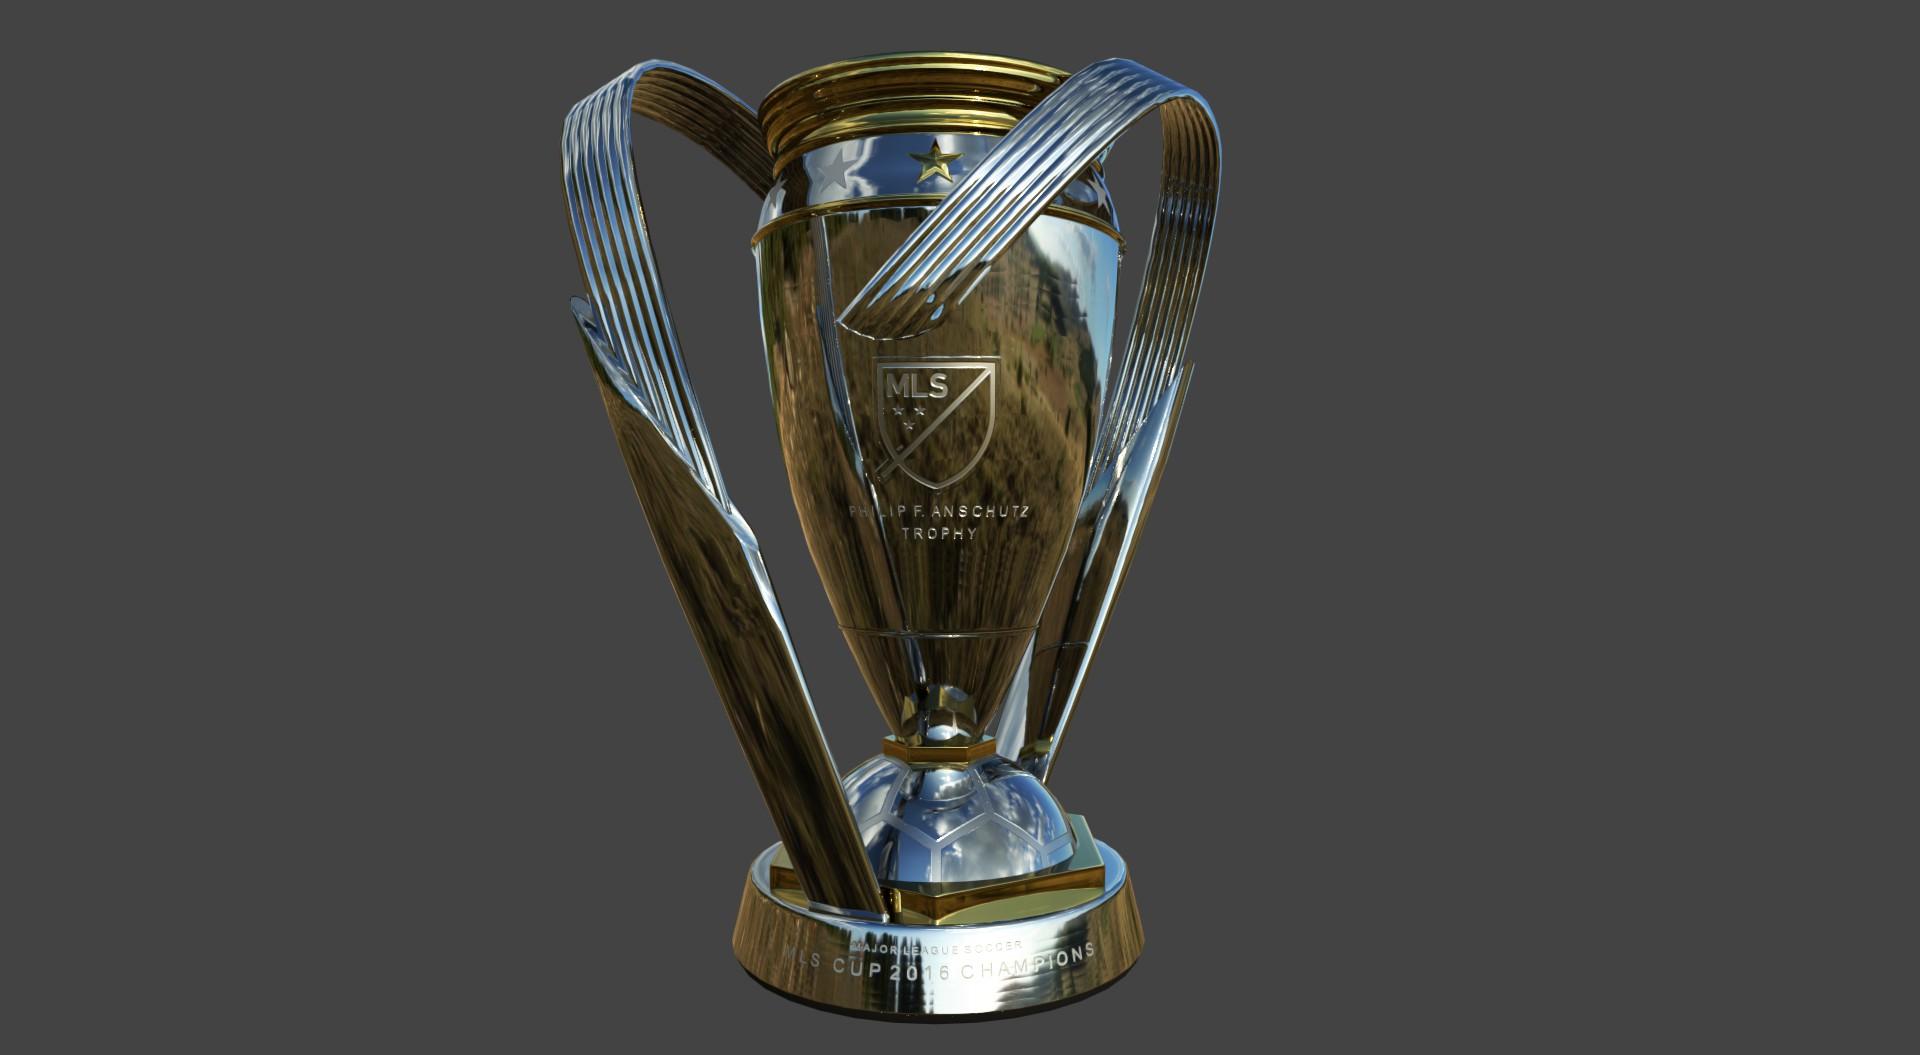 MLS_Trophy_1.jpg